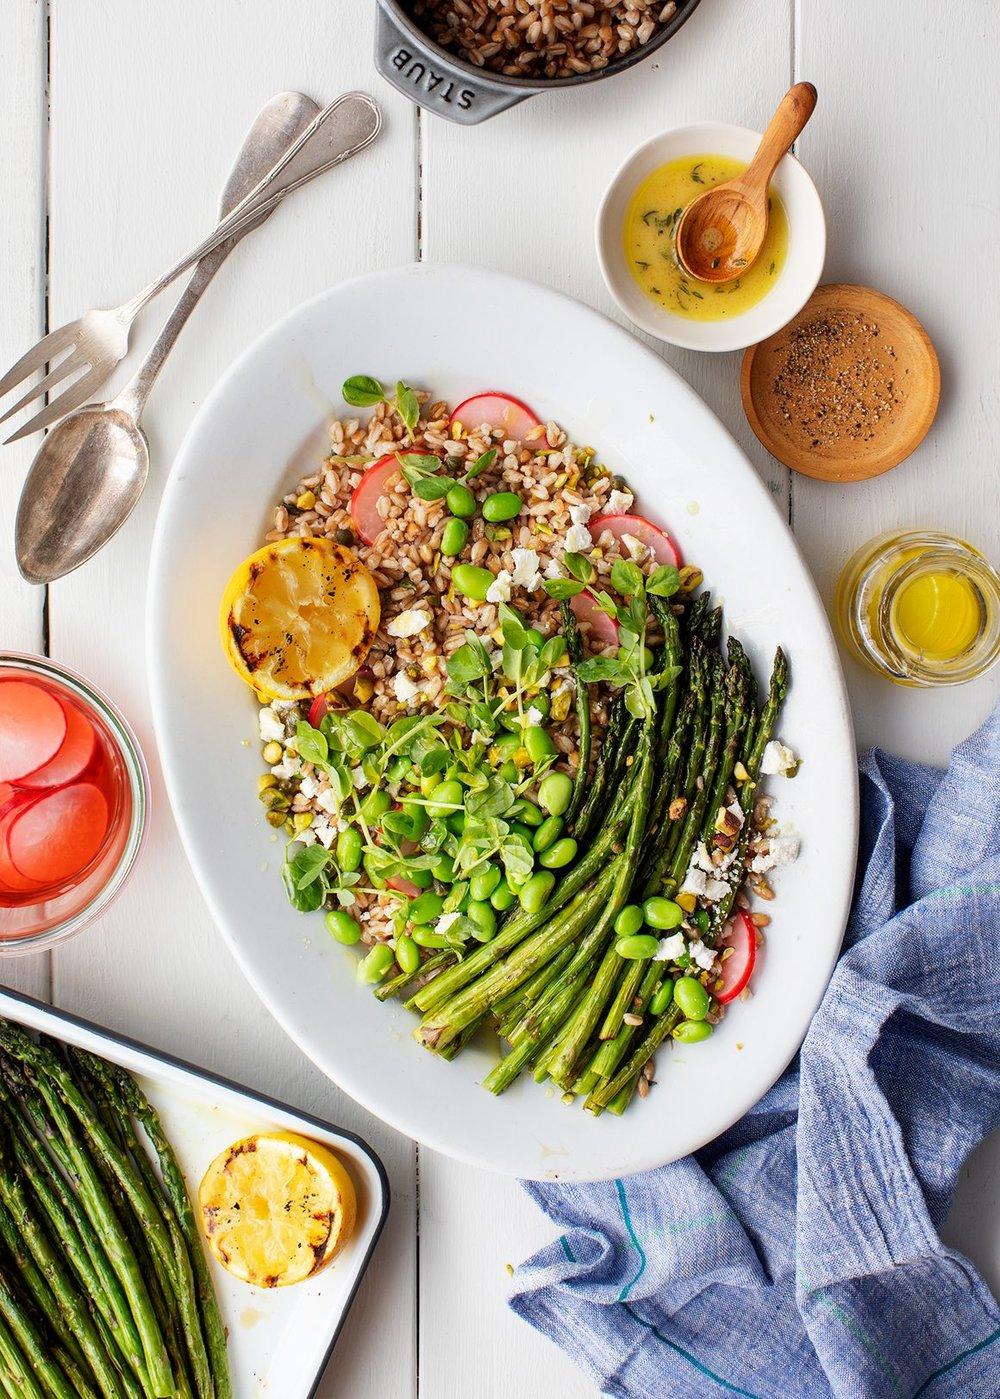 https://www.loveandlemons.com/grilled-asparagus-lemon-thyme-farro-salad/